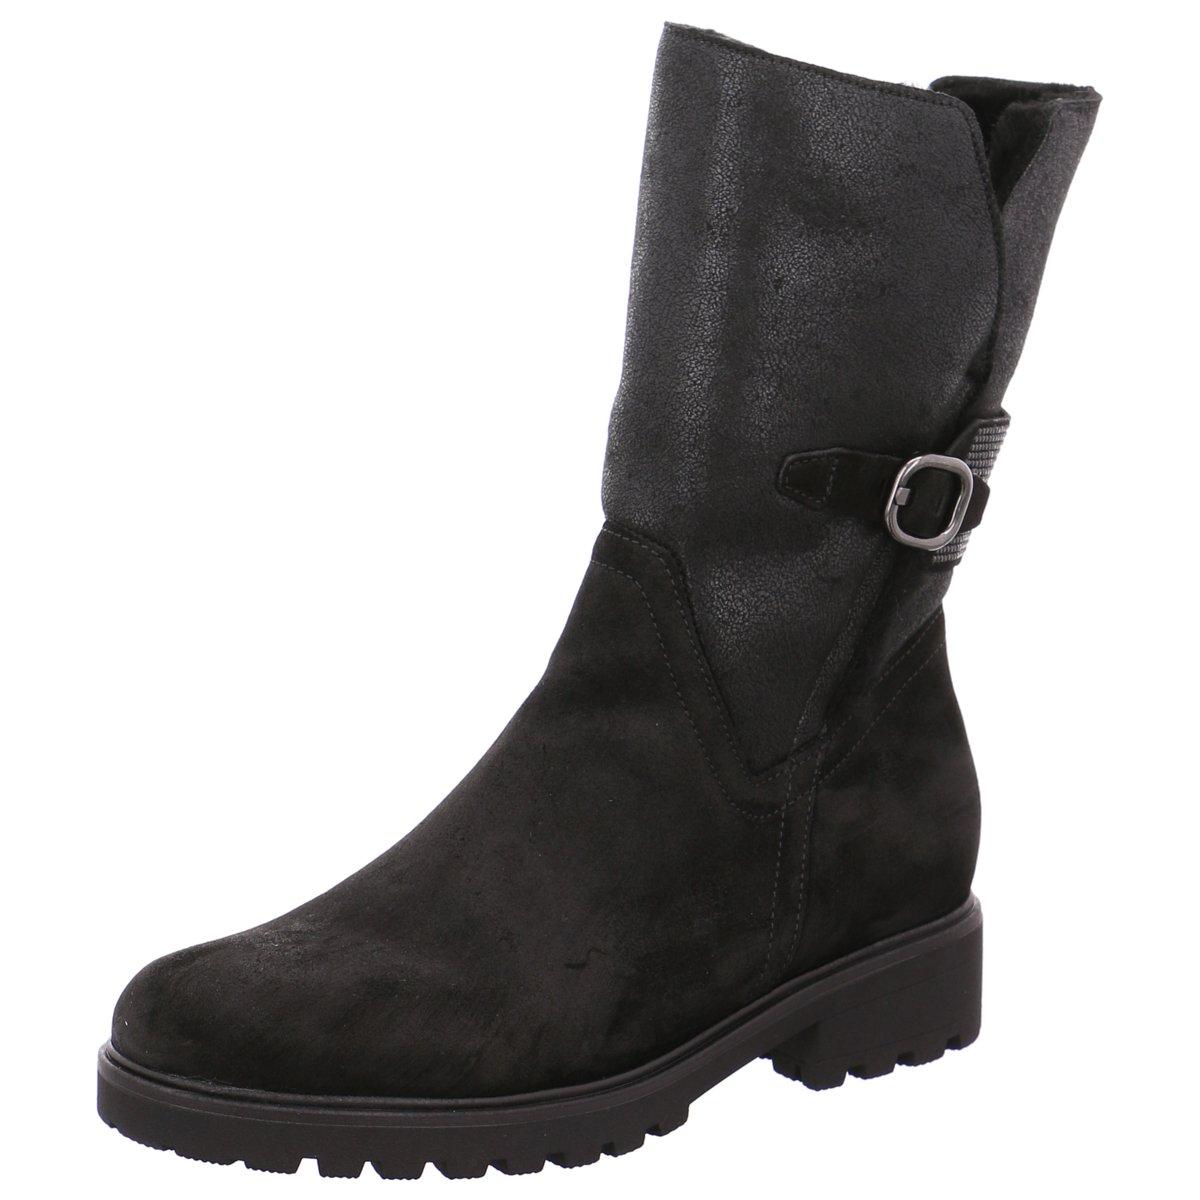 Gabor comfort Damen Stiefeletten Rhodos 72.783.87 schwarz 358848    | Elegante und robuste Verpackung